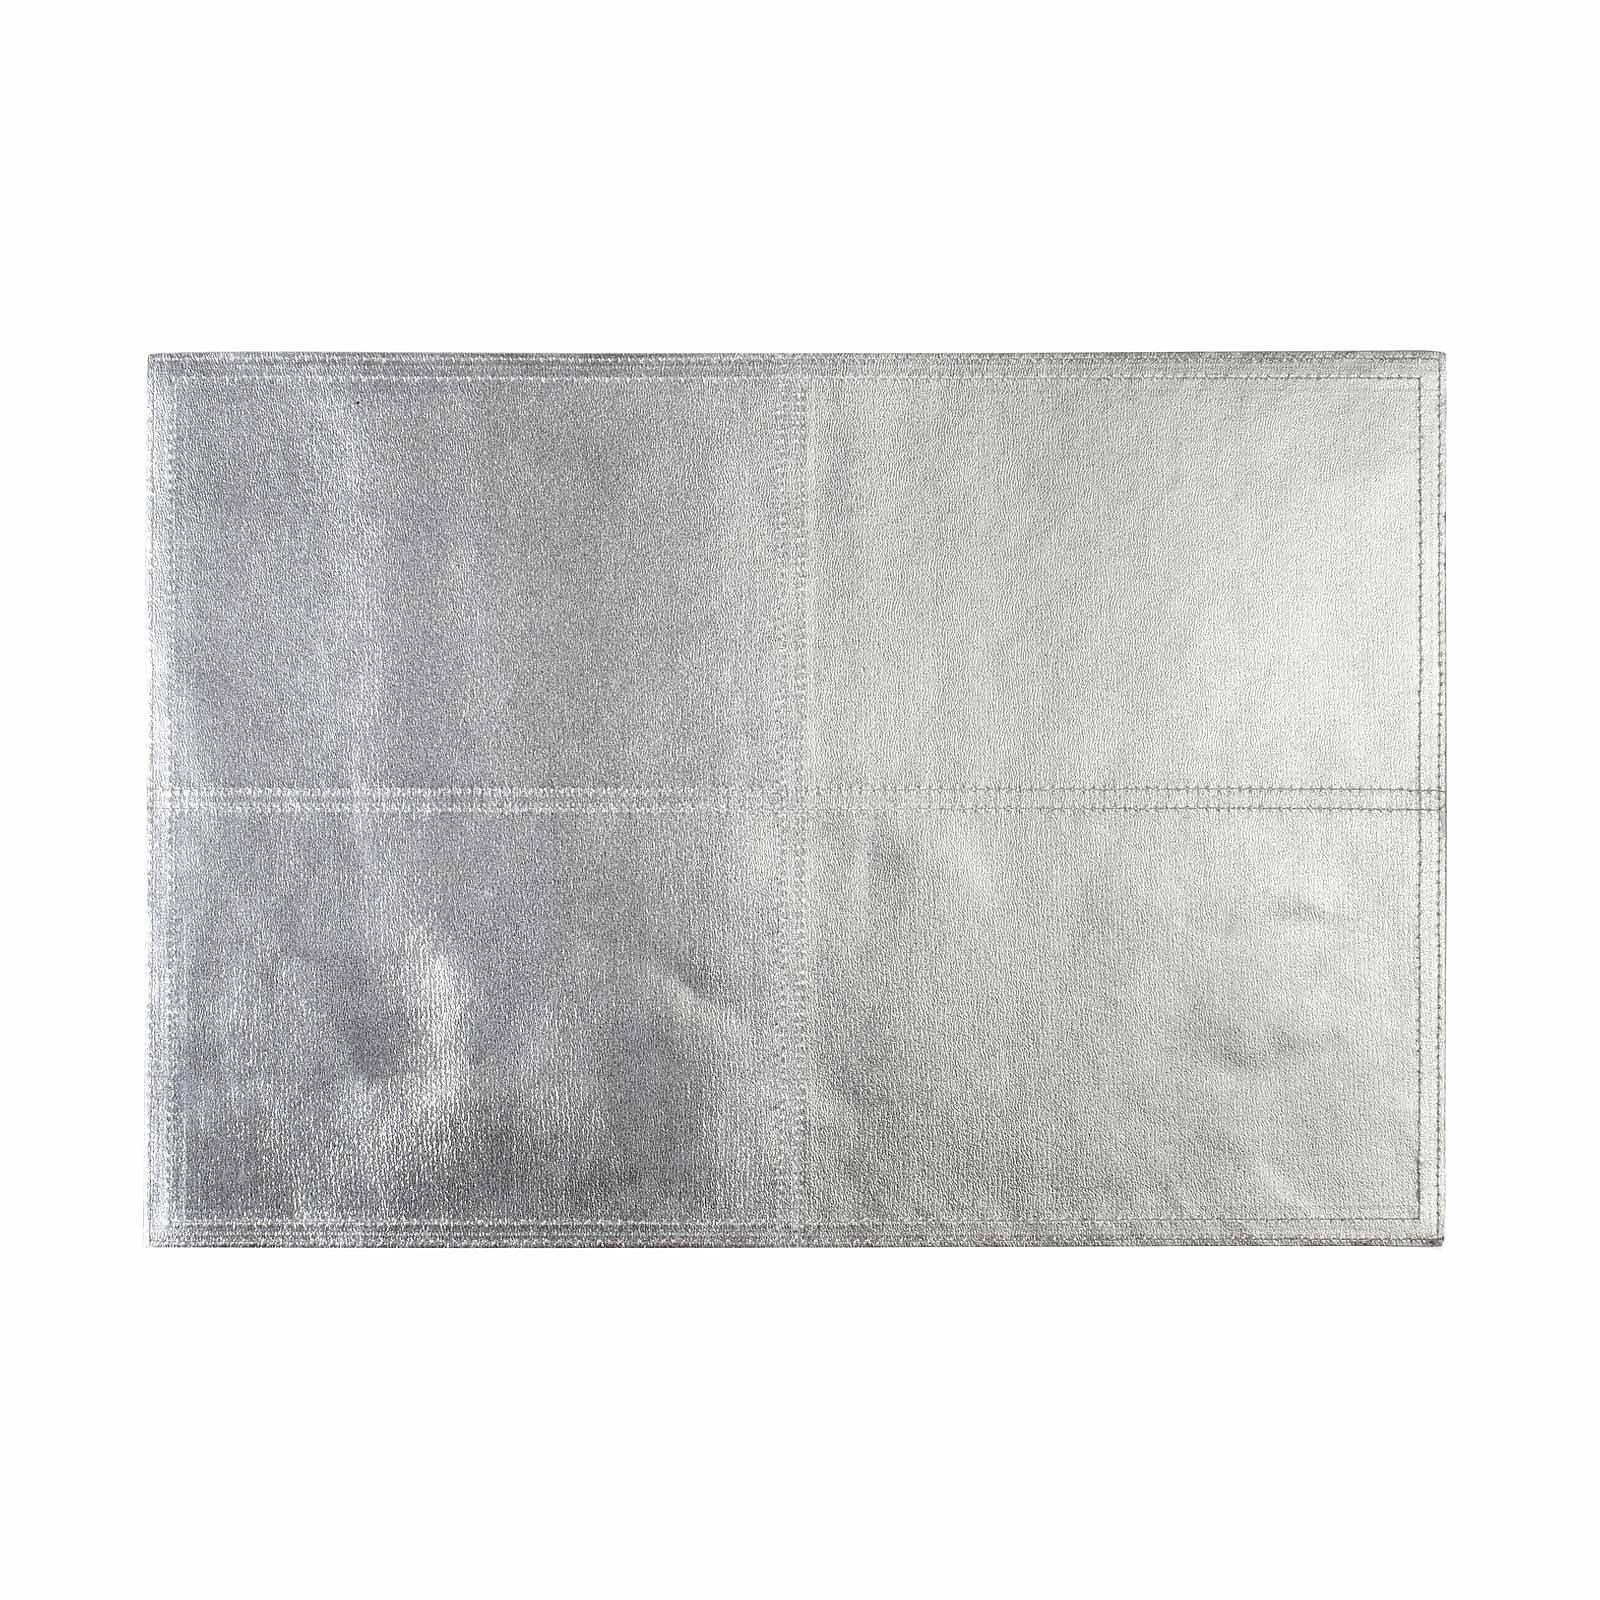 Tischset Lederoptik Silber Ca B 30 X L 43 Cm Tischset Silber Leder